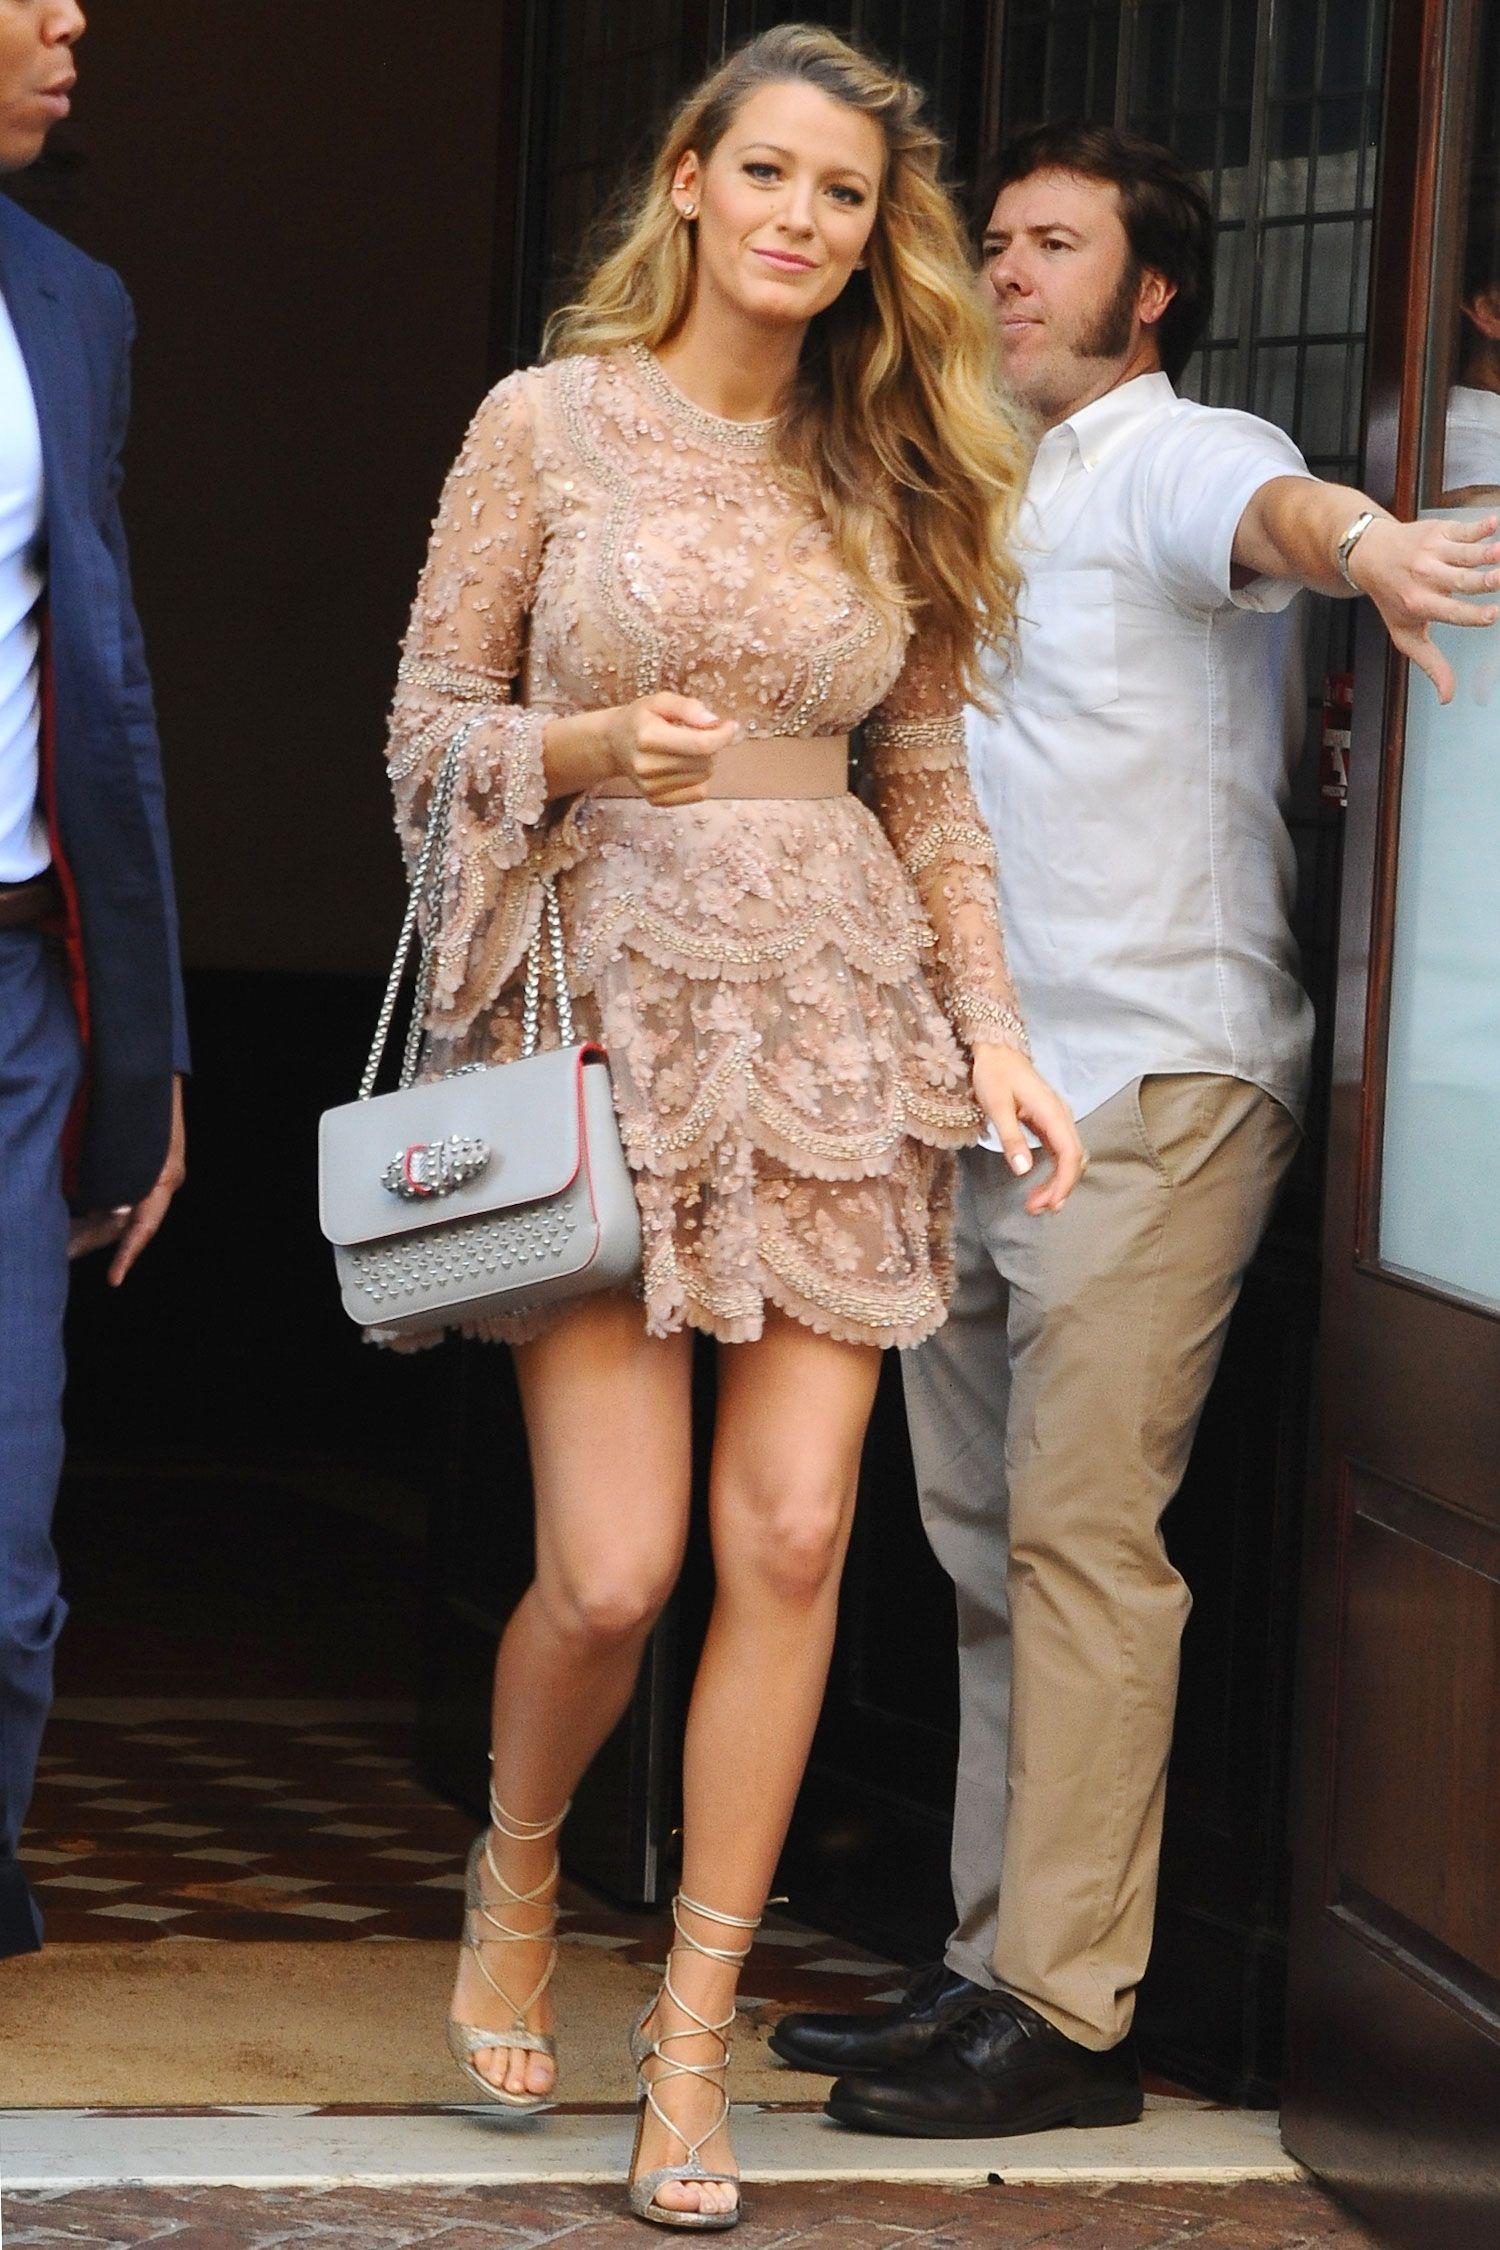 16b8f58c016 Blake Lively Pregnancy Style - Blake Lively Fashion